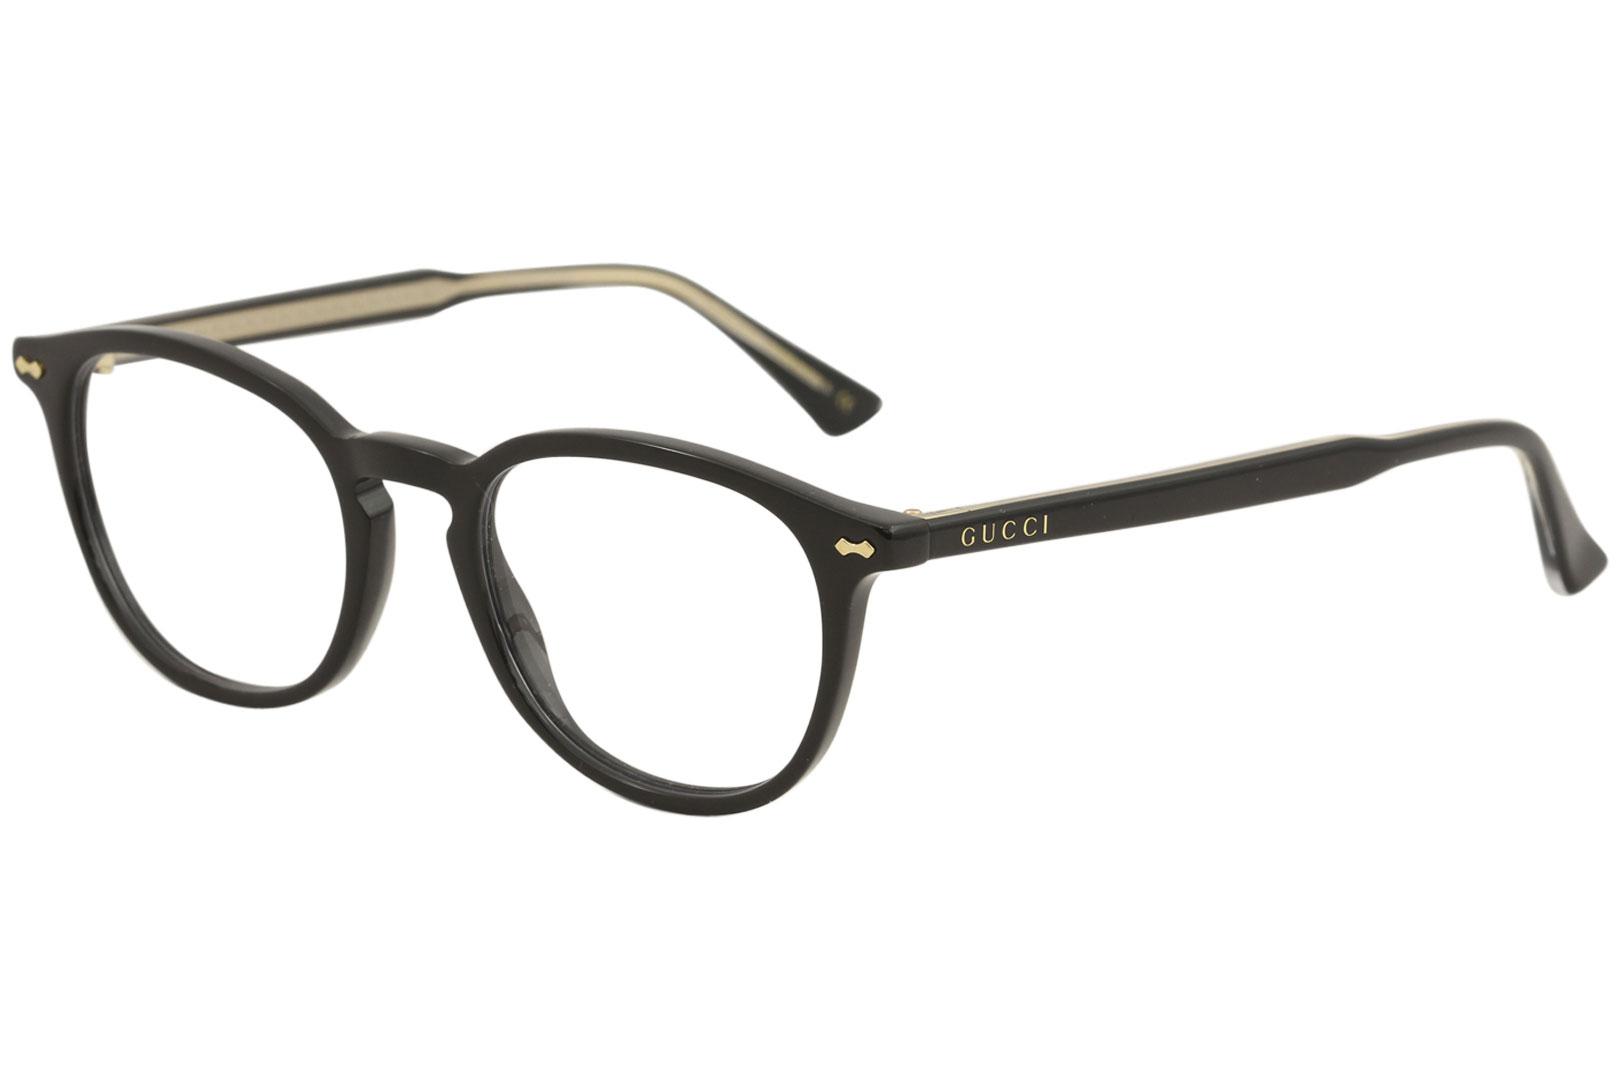 Gucci Men s Eyeglasses GG0187O GG 0187 O 005 Black Full Rim Optical ... 346d7f1054